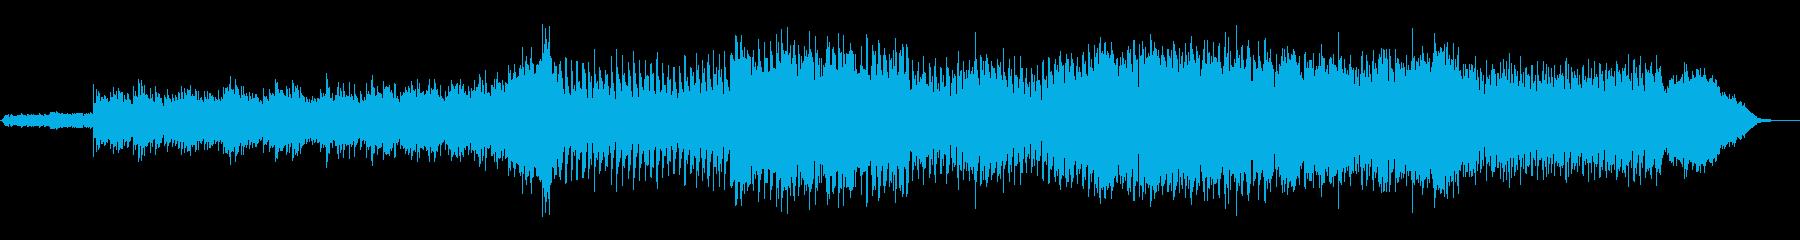 洗練されたオーケストラBGMの再生済みの波形